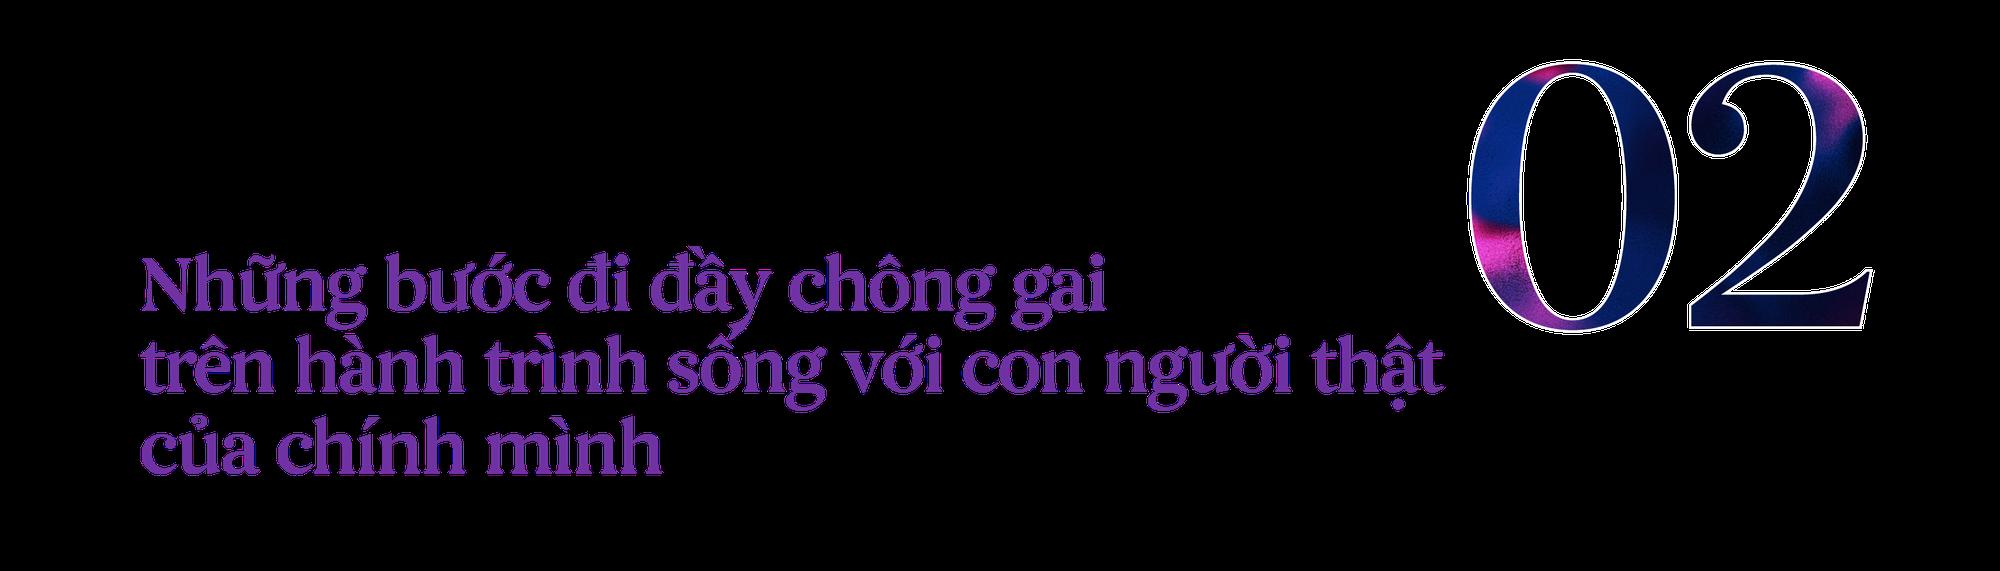 """Hoa hậu Hương Giang: """"Tôi tự hào với những điều bất công trong cuộc sống"""" - Ảnh 2."""